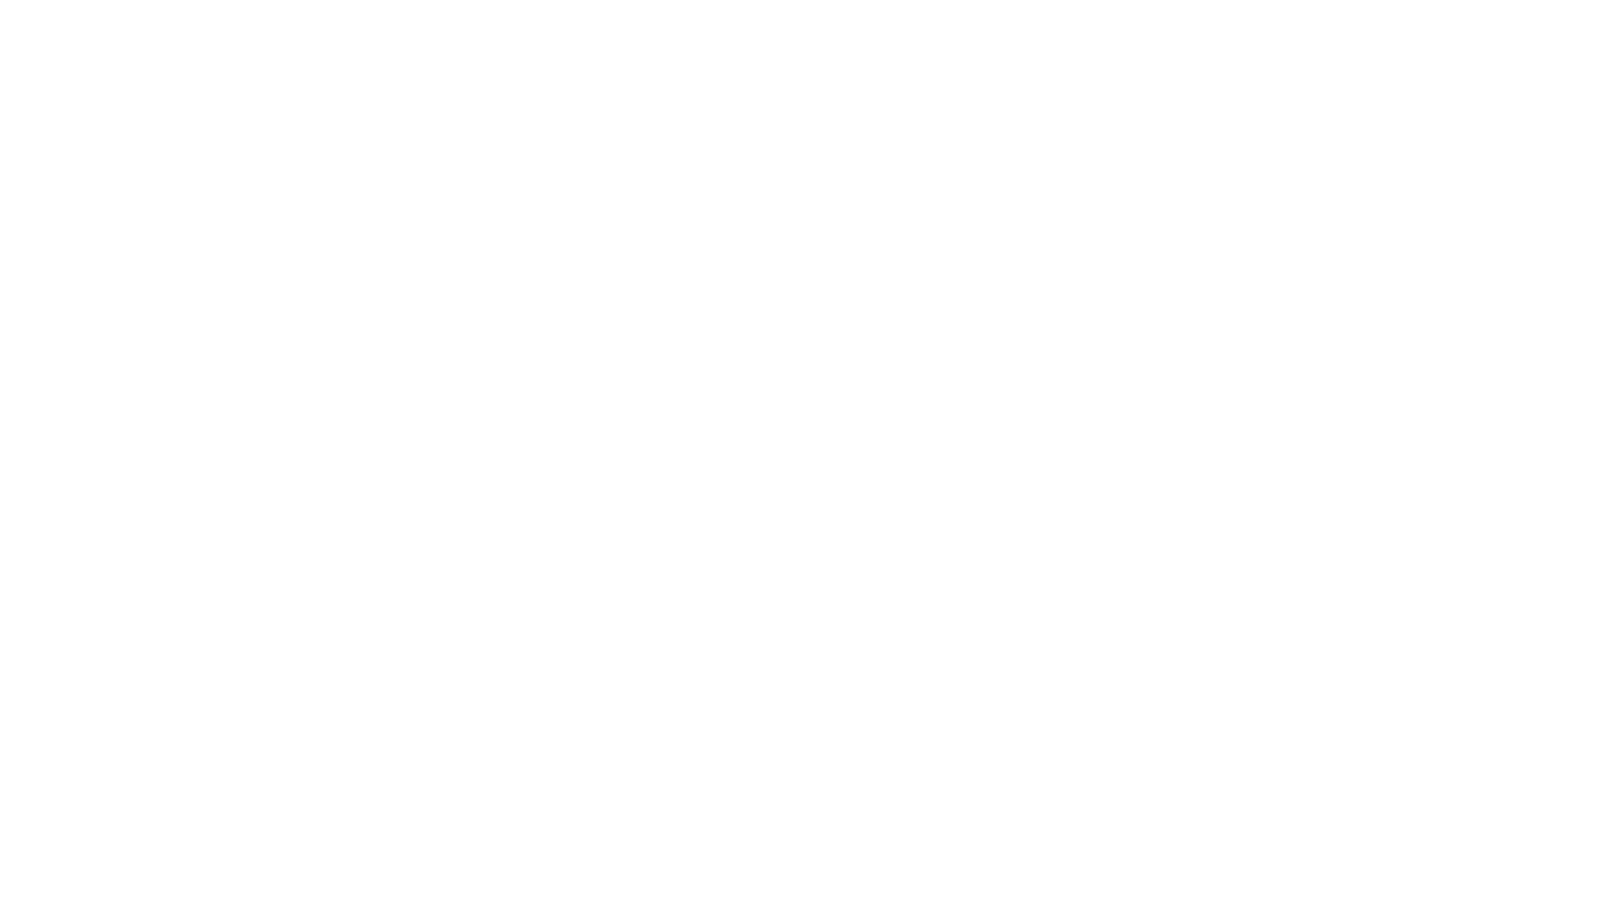 🔔 ¿Cuánto tiempo durará la reforma? 🔔 ¿Se puede cambiar la distribución del piso? 🔔 ¿En el presupuesto están detallados todos los trabajos y materiales?  Espectacular reforma de un piso desde cero en Arturo Soria. En esta ocasión queremos presentarte este proyecto realizado en Madrid en la zona de Arturo Soria. En Reformas Excelent estamos muy orgullosos de haber hecho esta extraordinaria reforma. Se trata de una obra con un diseño totalmente personalizado con la ideas iniciales del cliente y nuestros consejos según las necesidades del cliente.  En el momento de realizar una reforma es muy importante tener en cuenta muchos factores como por ejemplo los materiales y la distribución de los espacios que aportan un valor añadido a la vivienda y además la hace más confortable.   Reformas Excelent somos una empresa de reformas integrales en Madrid de referencia y hemos realizado muchas reformas siguiendo de forma muy minuciosa las indicaciones de los clientes. En el momento de realizar la reforma y la decoración interior tenemos muy en cuenta la distribución del hogar, la iluminación y cualquier preferencia de nuestros clientes. Siempre cumplimos los plazos de entrega firmados en el presupuesto donde además detallamos todos los trabajos a realizar y los materiales empleados.  En nuestra página web puedes encontrar una selección de trabajos realizados donde ver la calidad de nuestro trabajo y los materiales empleados. ---------------------------------------------------------------------------------------------------------------------------------------------------------- #REFORMASDEPISOS #REFORMASDEPISOSENARTUROSORIA #REFORMADEPISODESDECERO ---------------------------------------------------------------------------------------------------------------------------------------------------------- 🔷 Síguenos en: https://empresasdereformasmadrid.com/ 🔷 Puedes contactar con nosotros en el ☎ 678154304